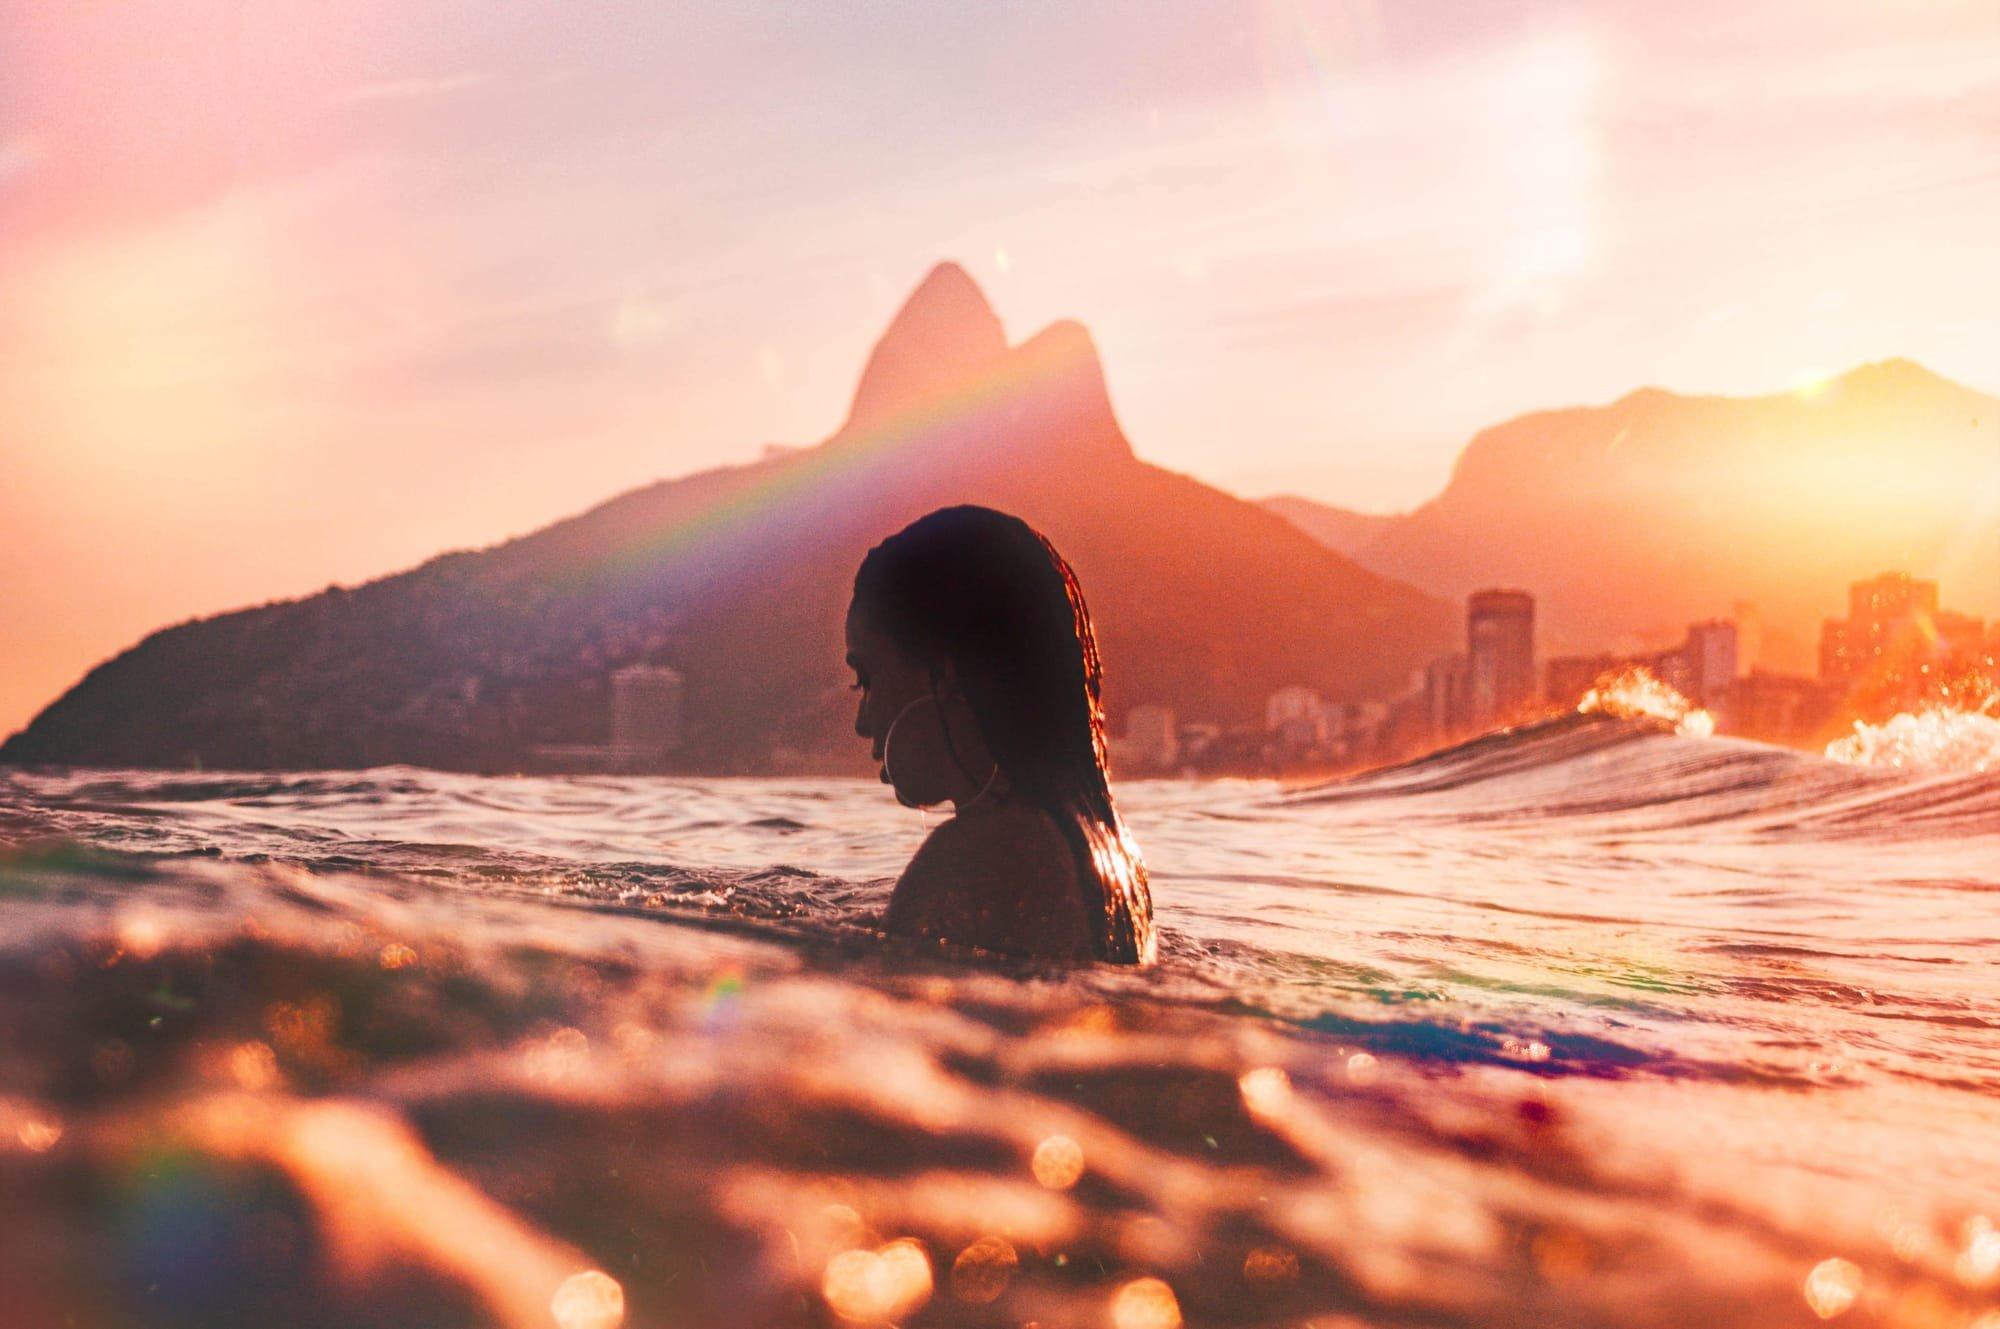 מומלץ! לרחוץ במים הקרירים בחופי ריו דה ז'נרו